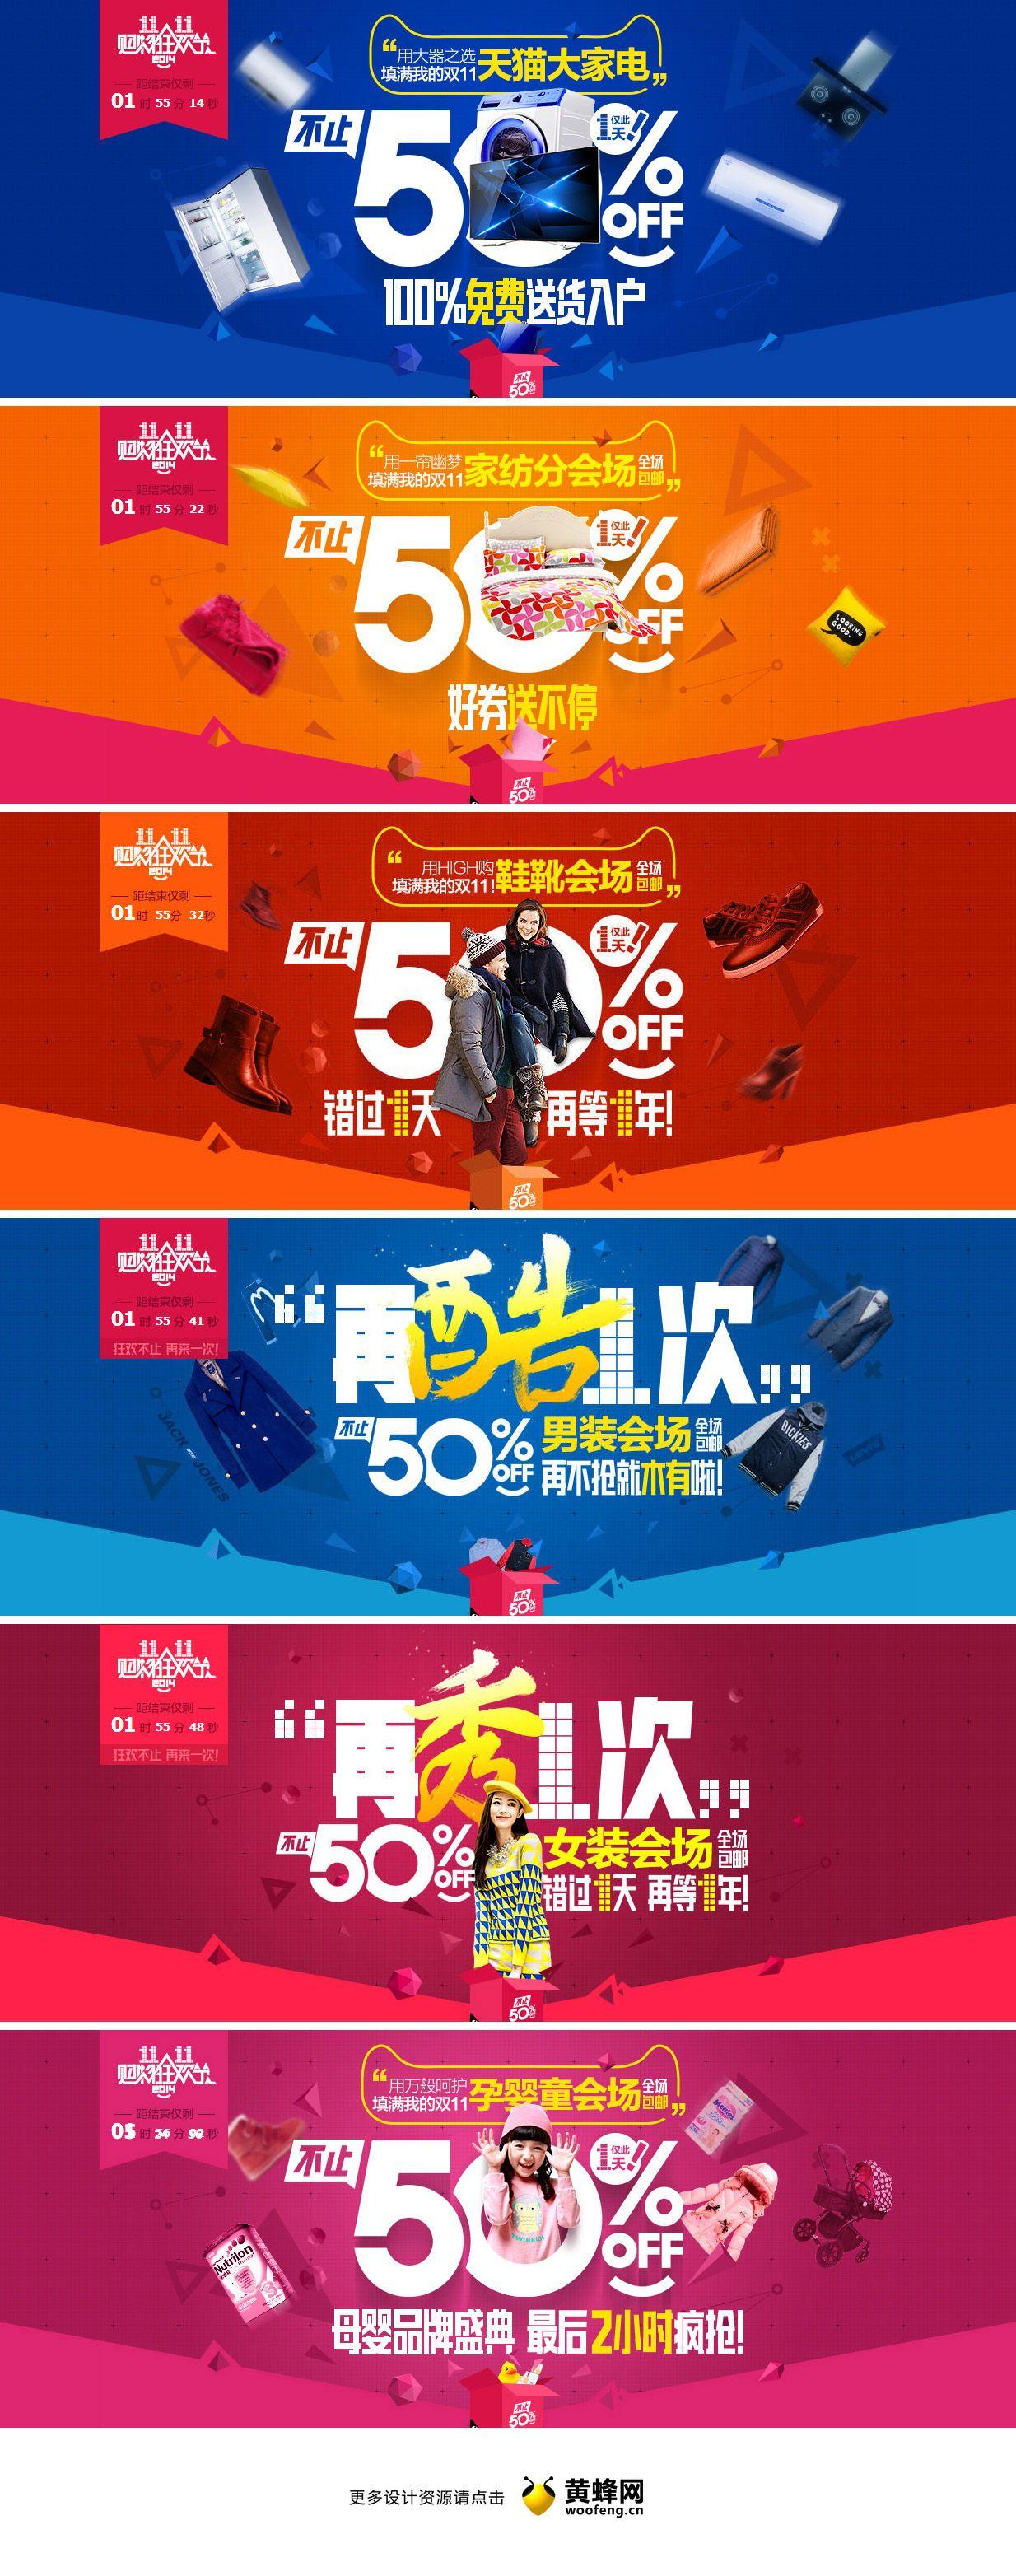 天猫2014双11各会场头图banner设计   05   Pinterest   Banners, Web ...